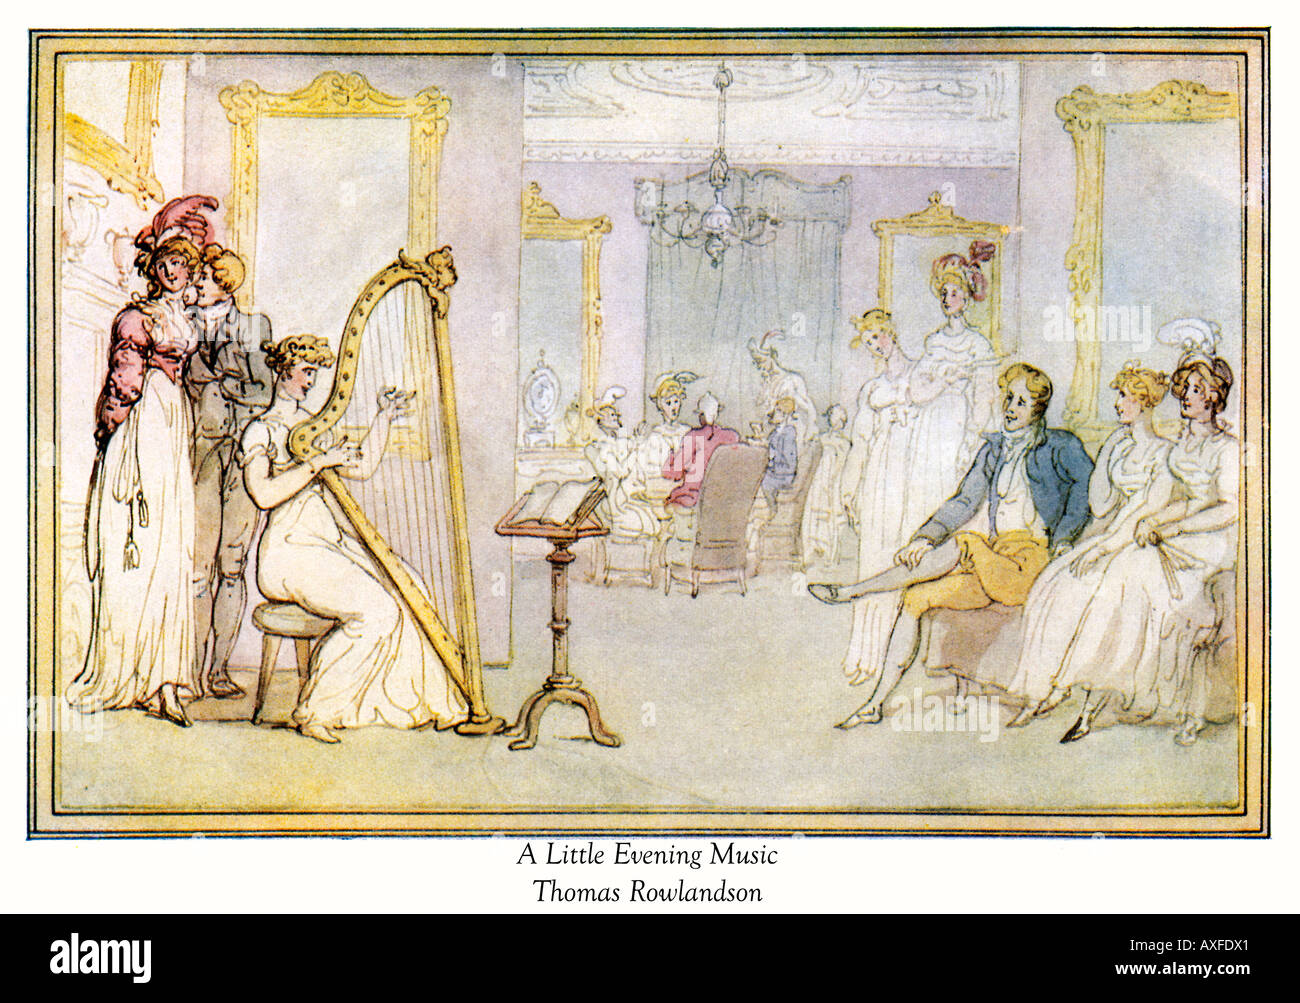 Thomas Rowlandson ein wenig Abend Musik Georgisch-Cartoon von eine modische Soiree nicht alle interessierten in der Musik Stockbild